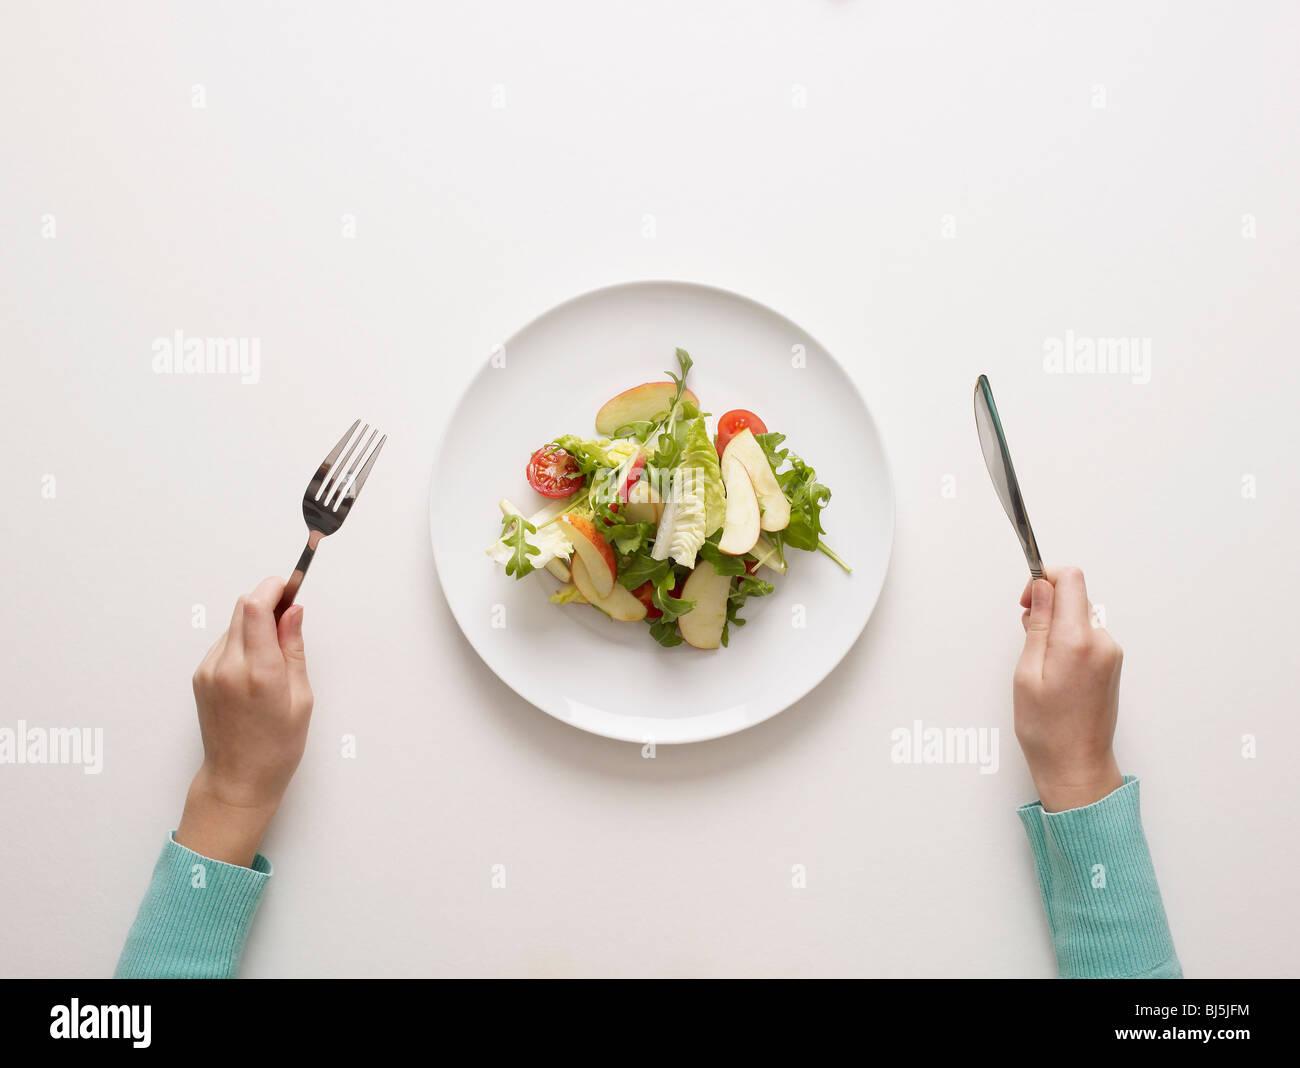 Mains par une assiette de salade Photo Stock